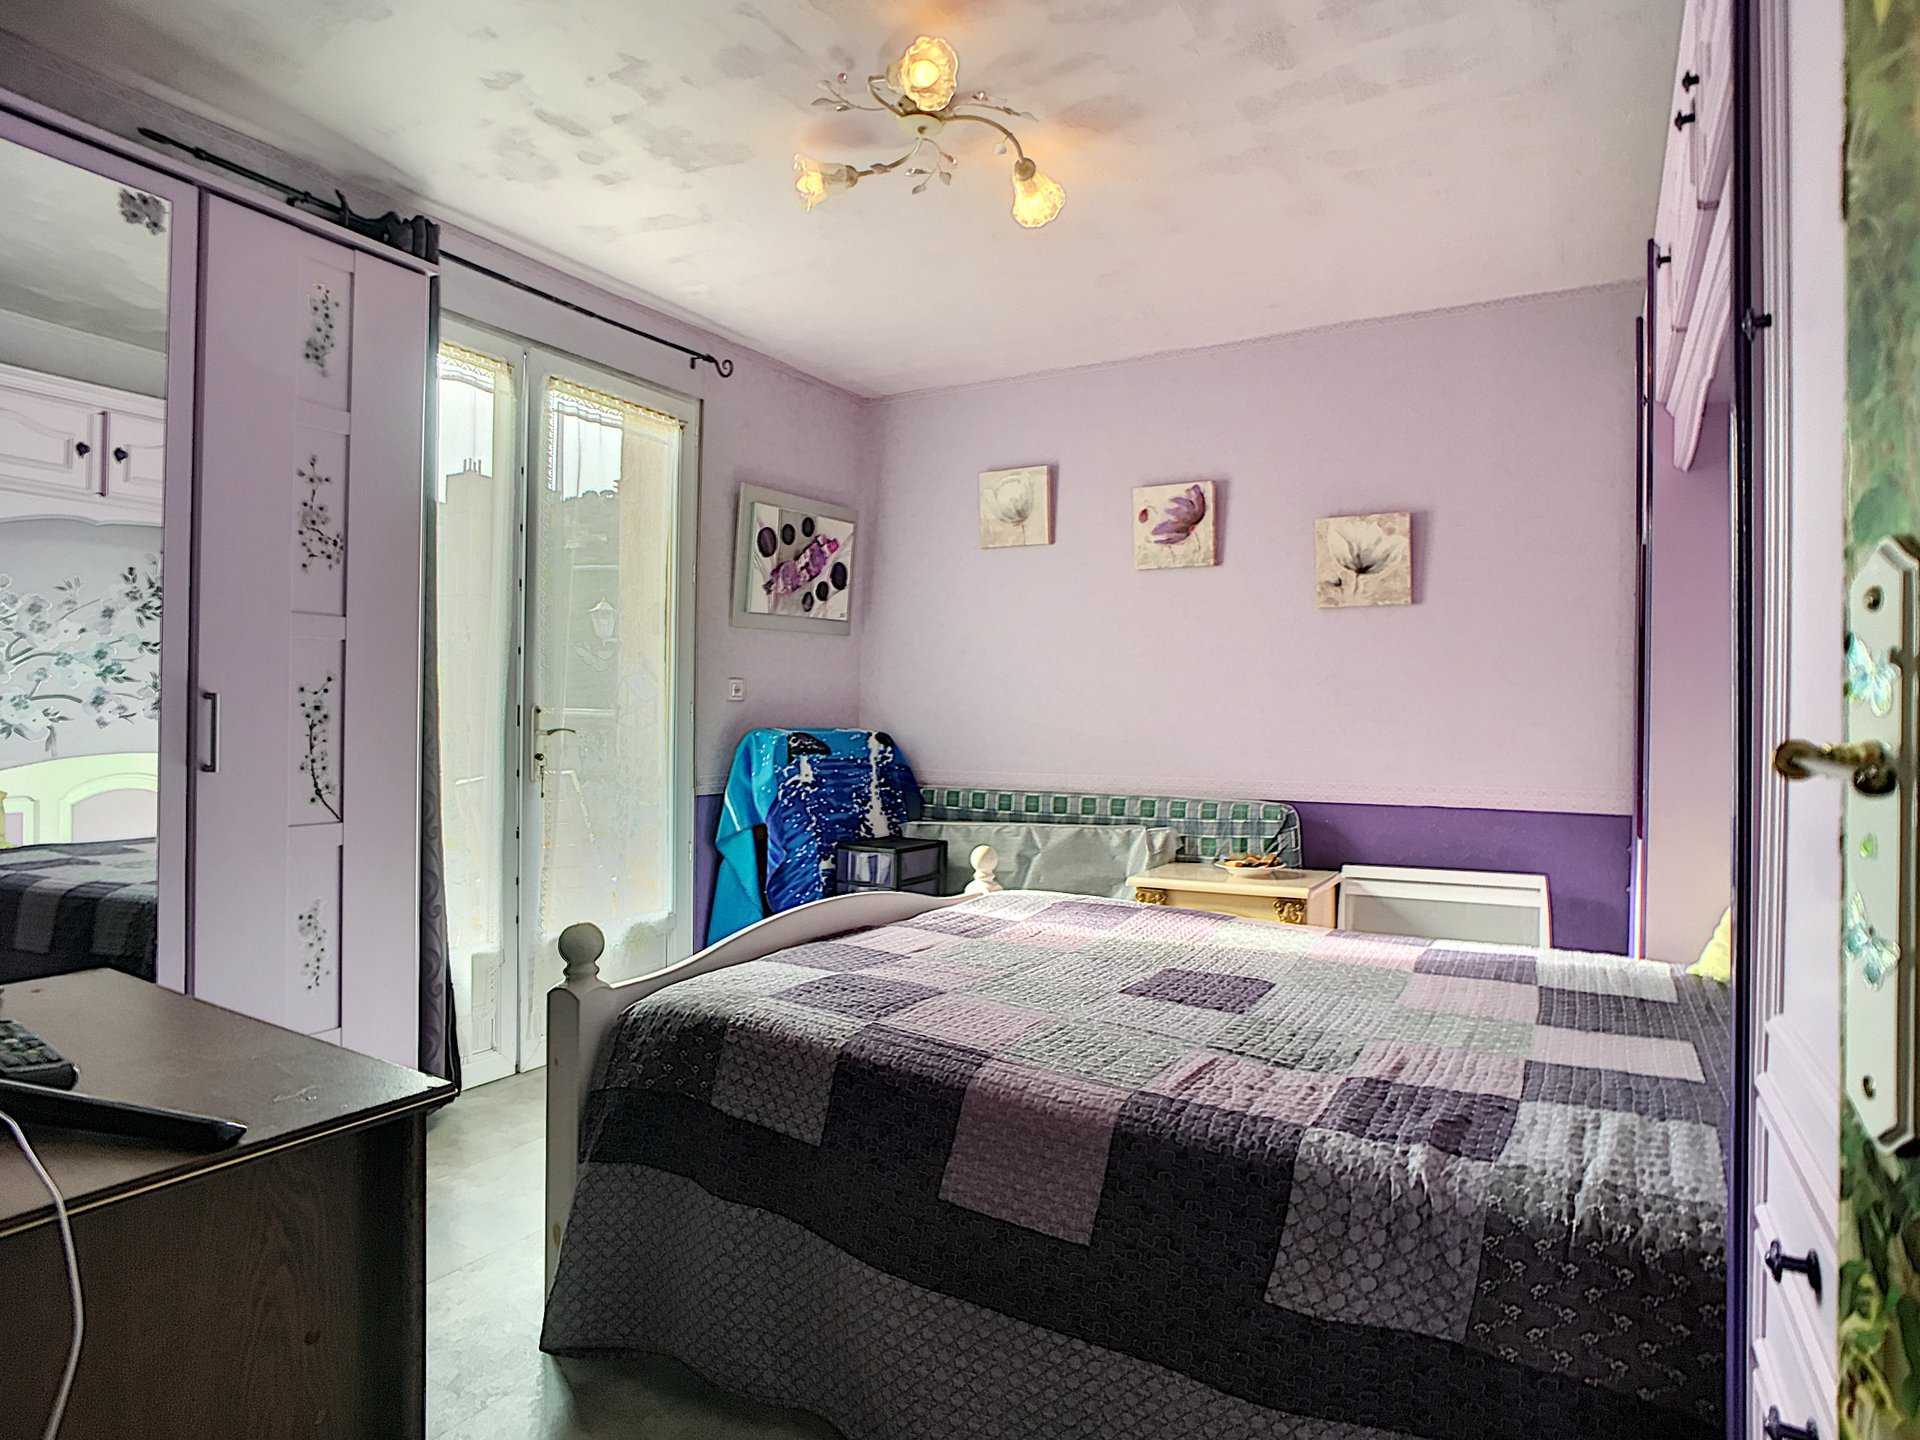 MAISON - 06000 - 2 chambres - 3 pièces